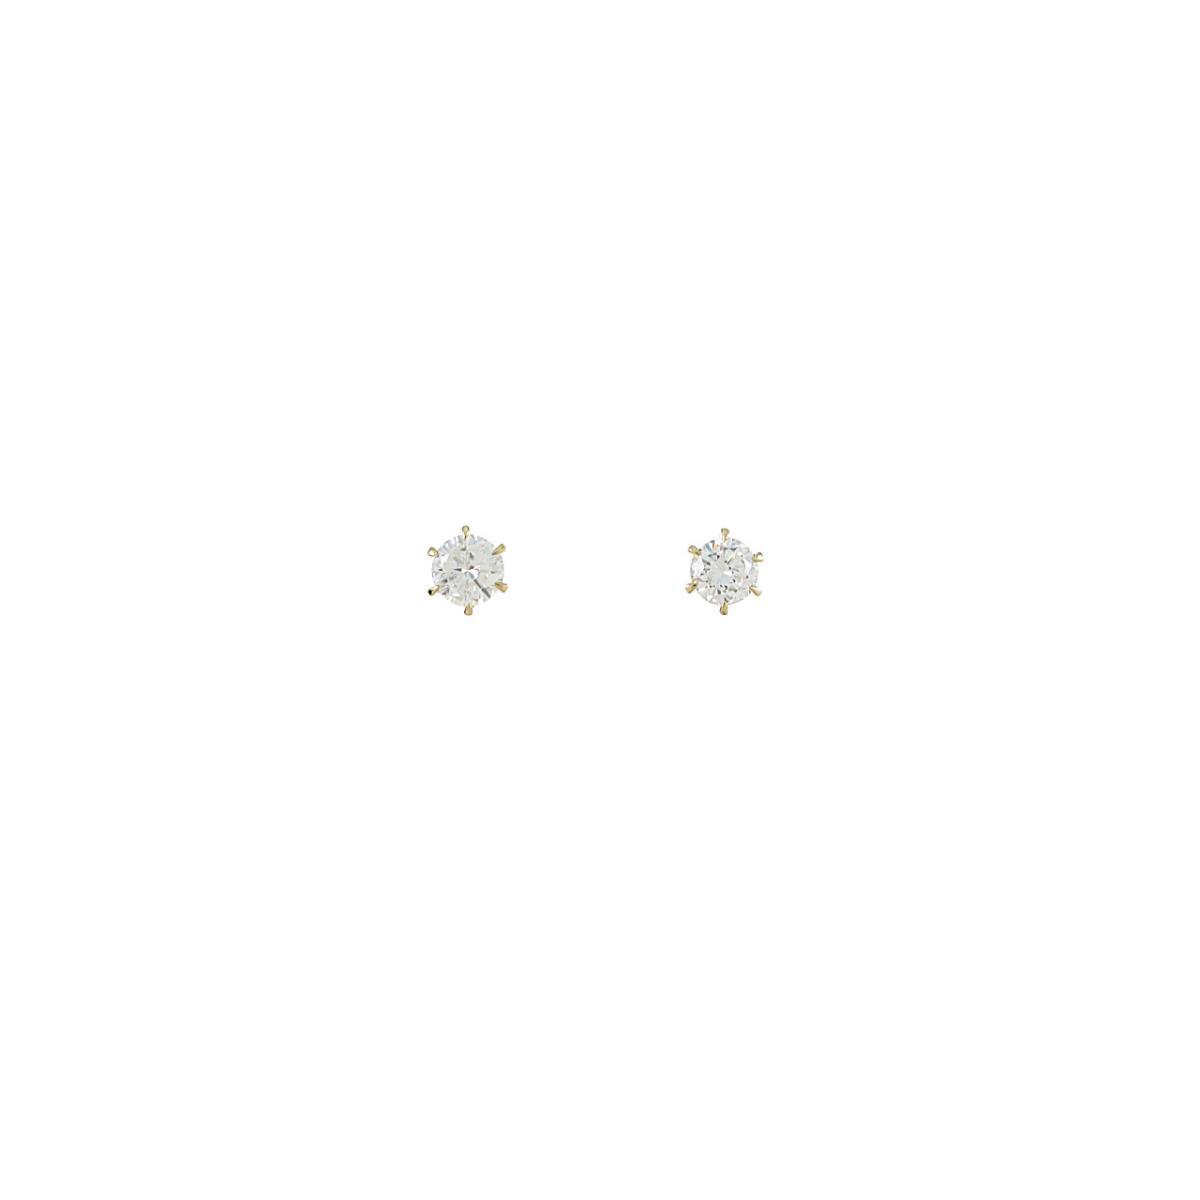 【リメイク】K18YG/ST ダイヤモンドピアス 0.312ct・0.319ct・H・VS1-2・G-F【中古】